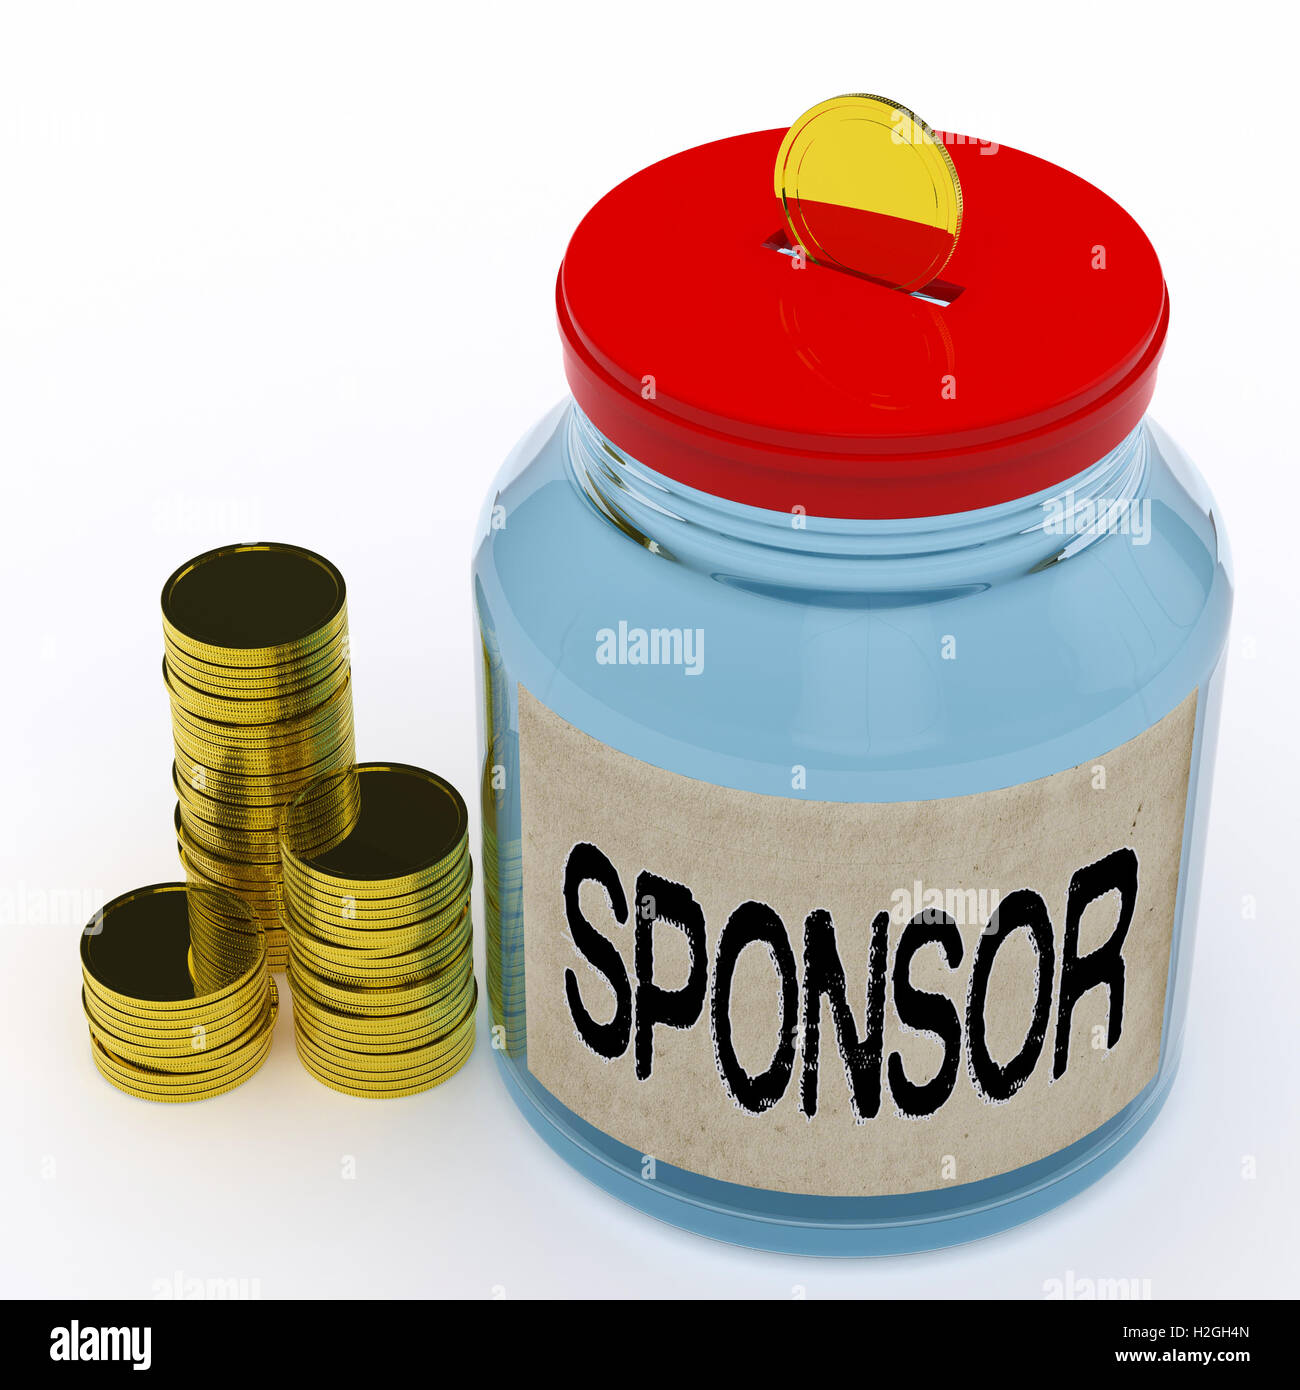 Sponsor Jar Mittel Spenden helfen und Hilfe Stockbild